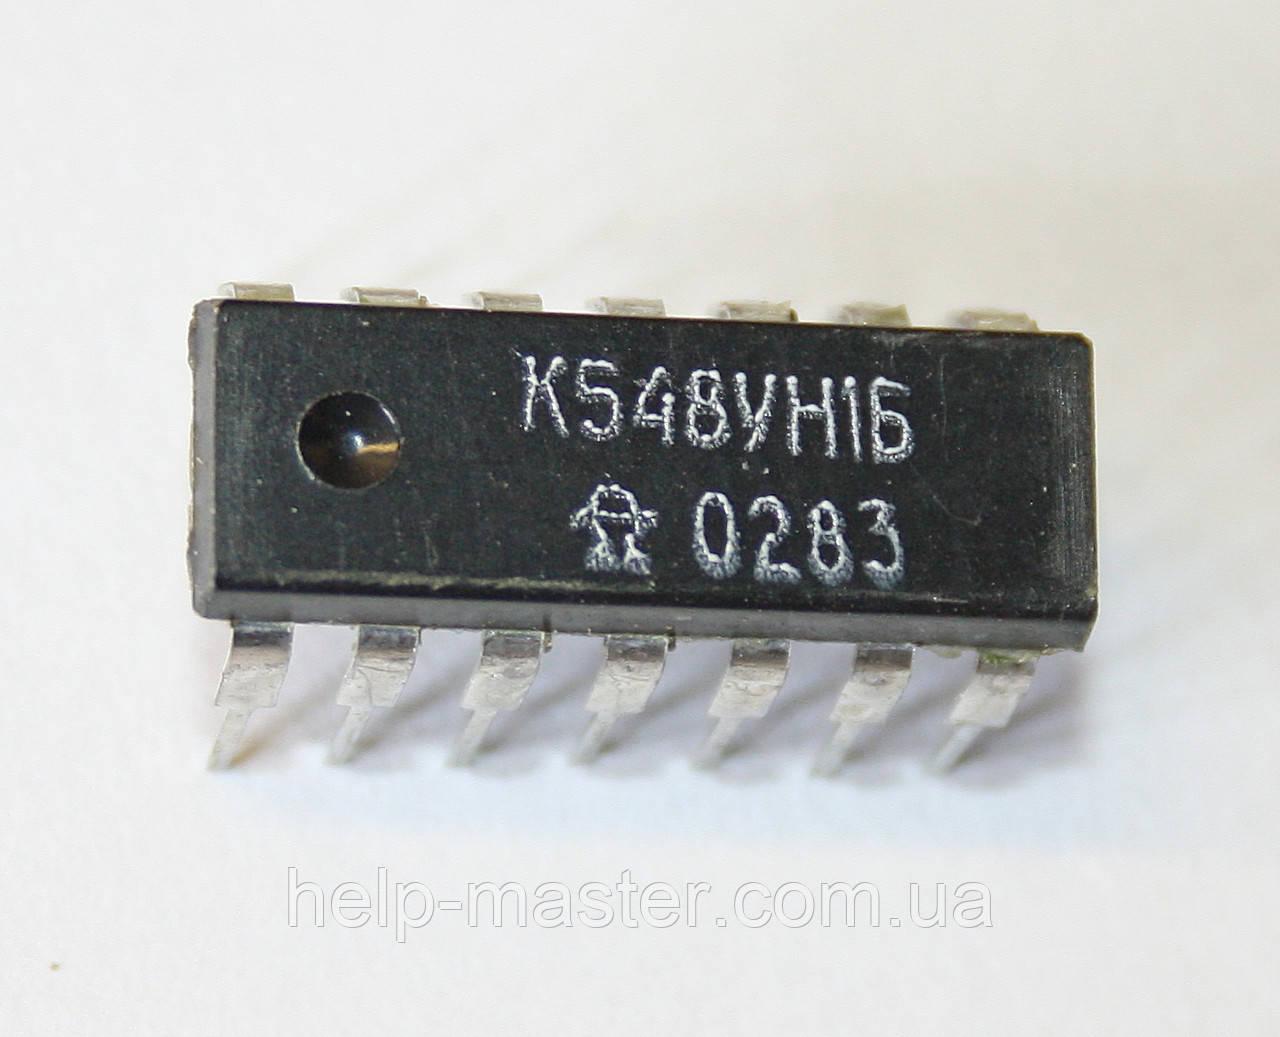 Мікросхема К548УН1Б (DIP-14)